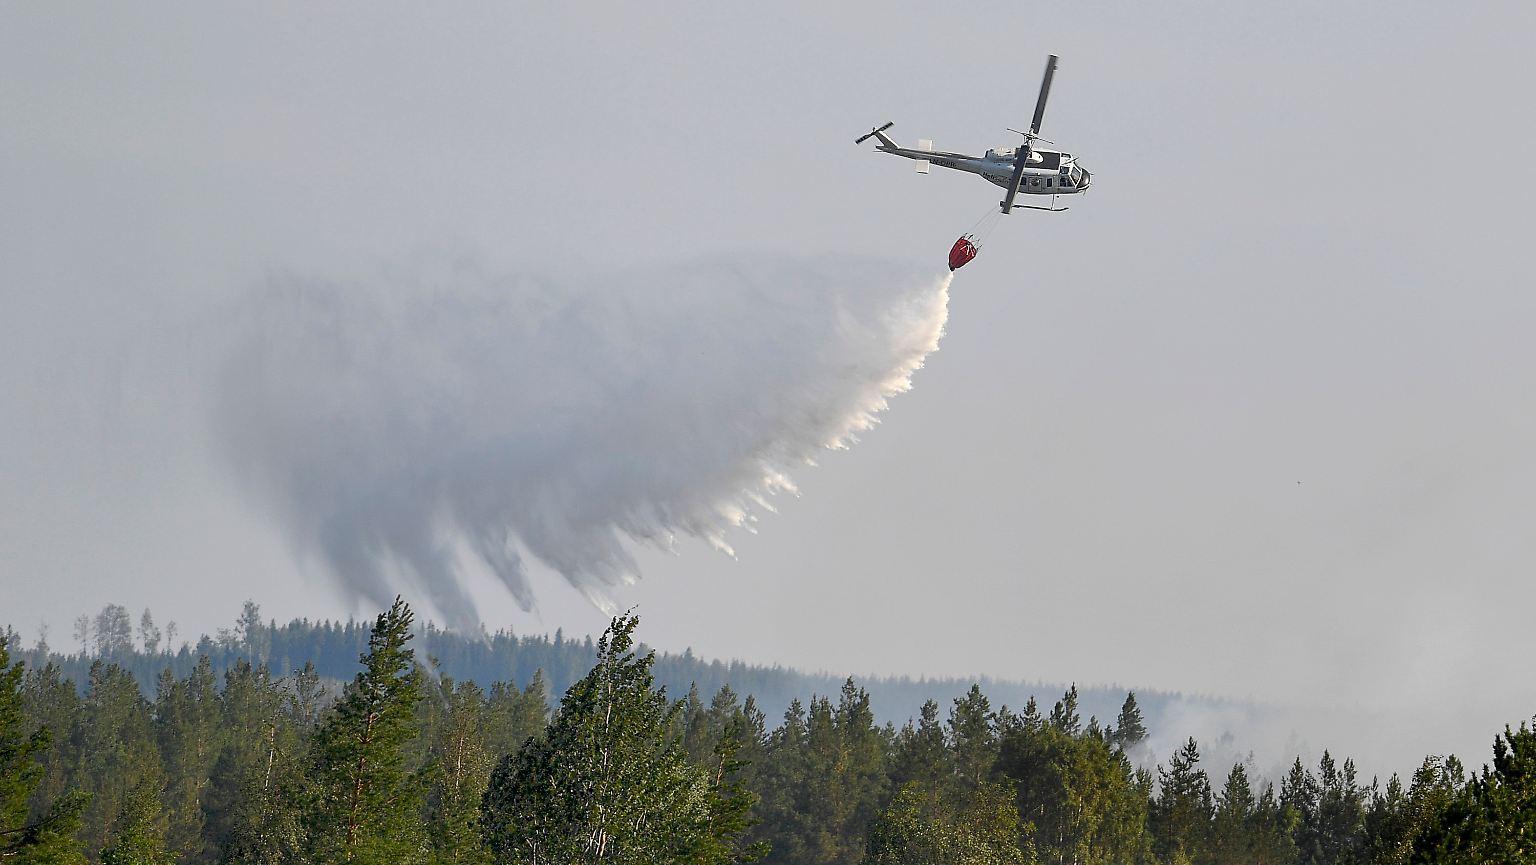 Schweden Waldbrände Karte.Regierung Bittet Eu Um Hilfe Waldbrände In Schweden Außer Kontrolle